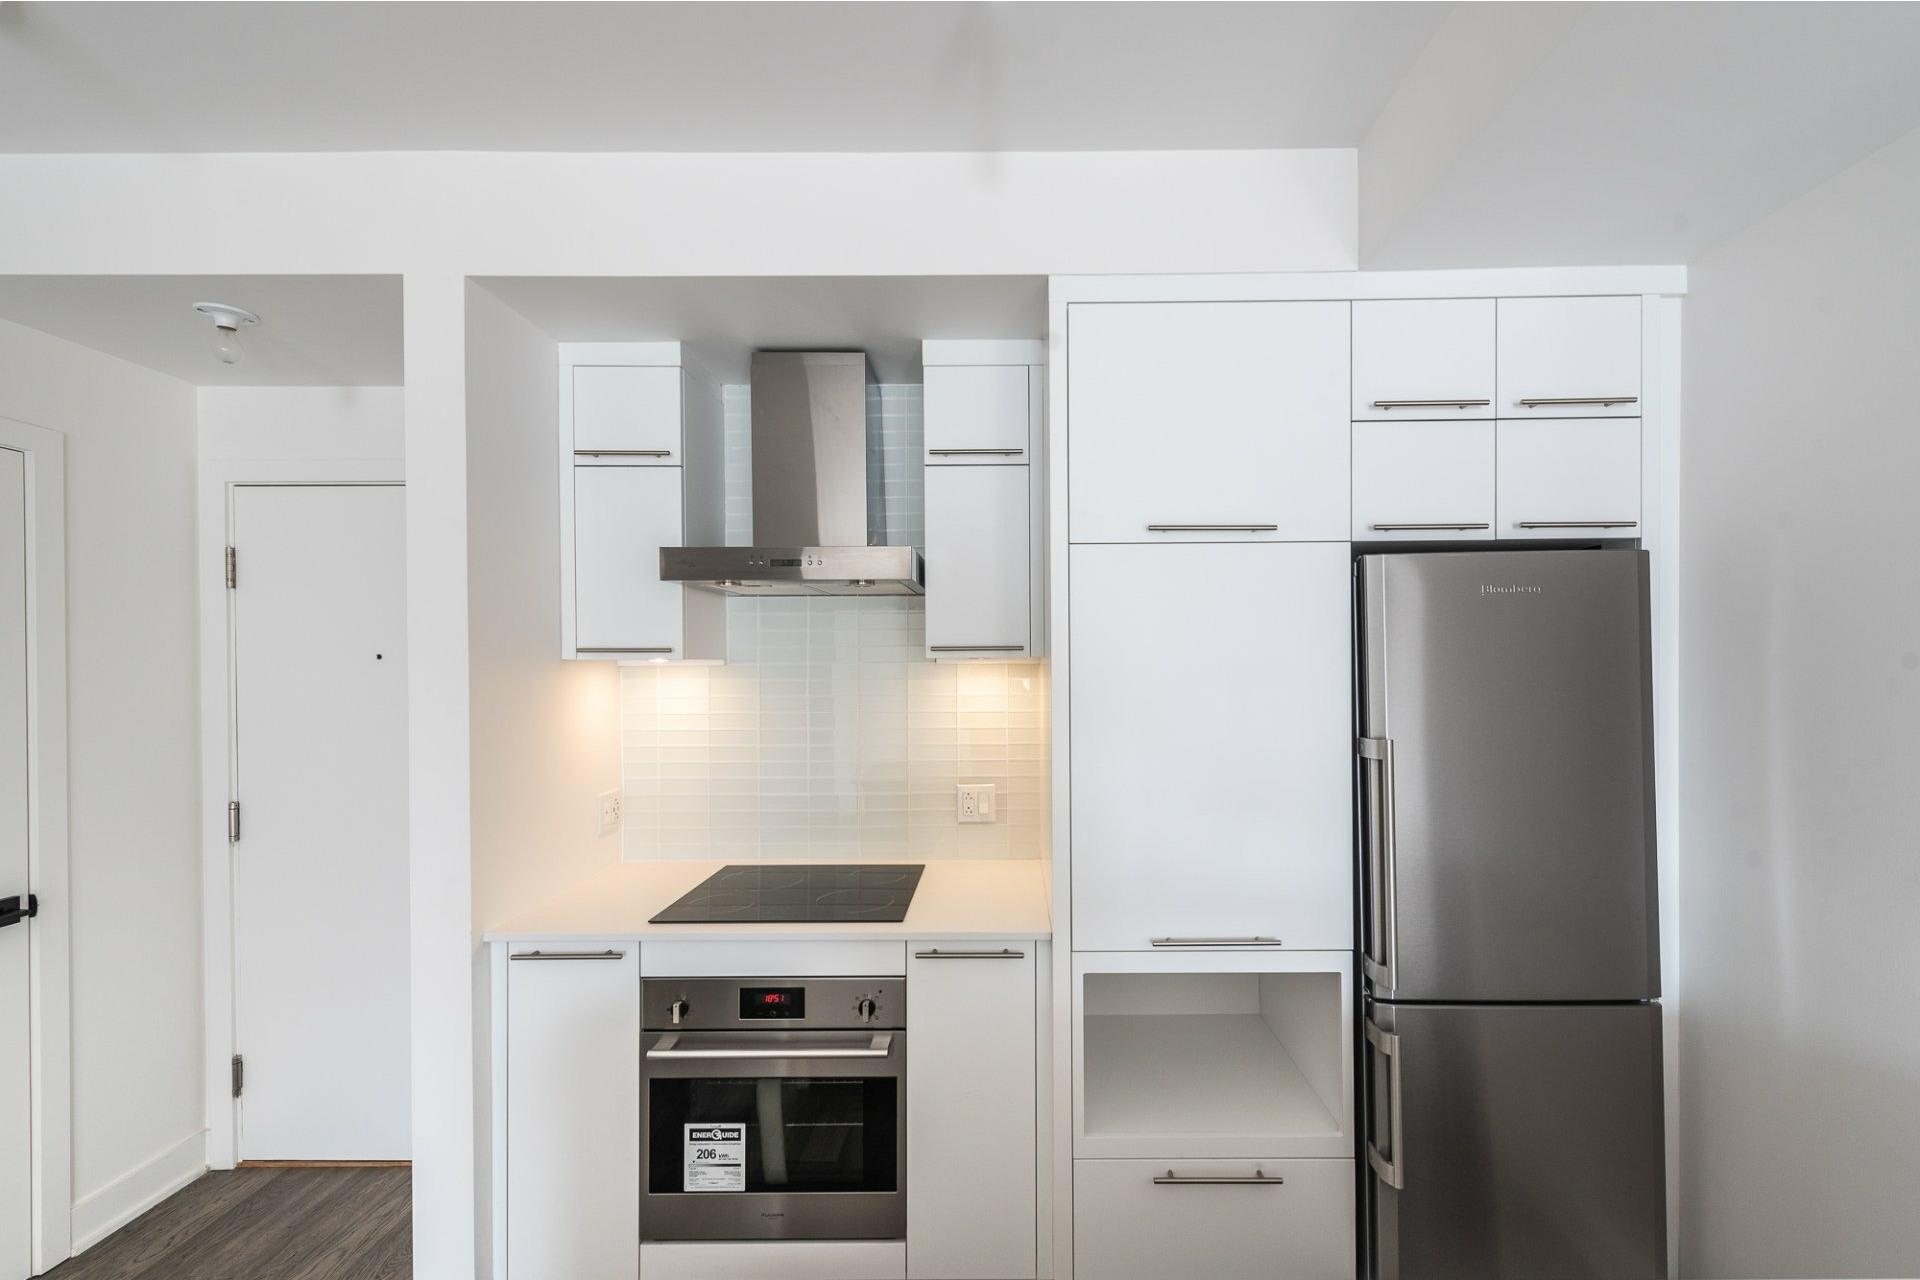 image 6 - Apartment For rent Villeray/Saint-Michel/Parc-Extension Montréal  - 5 rooms